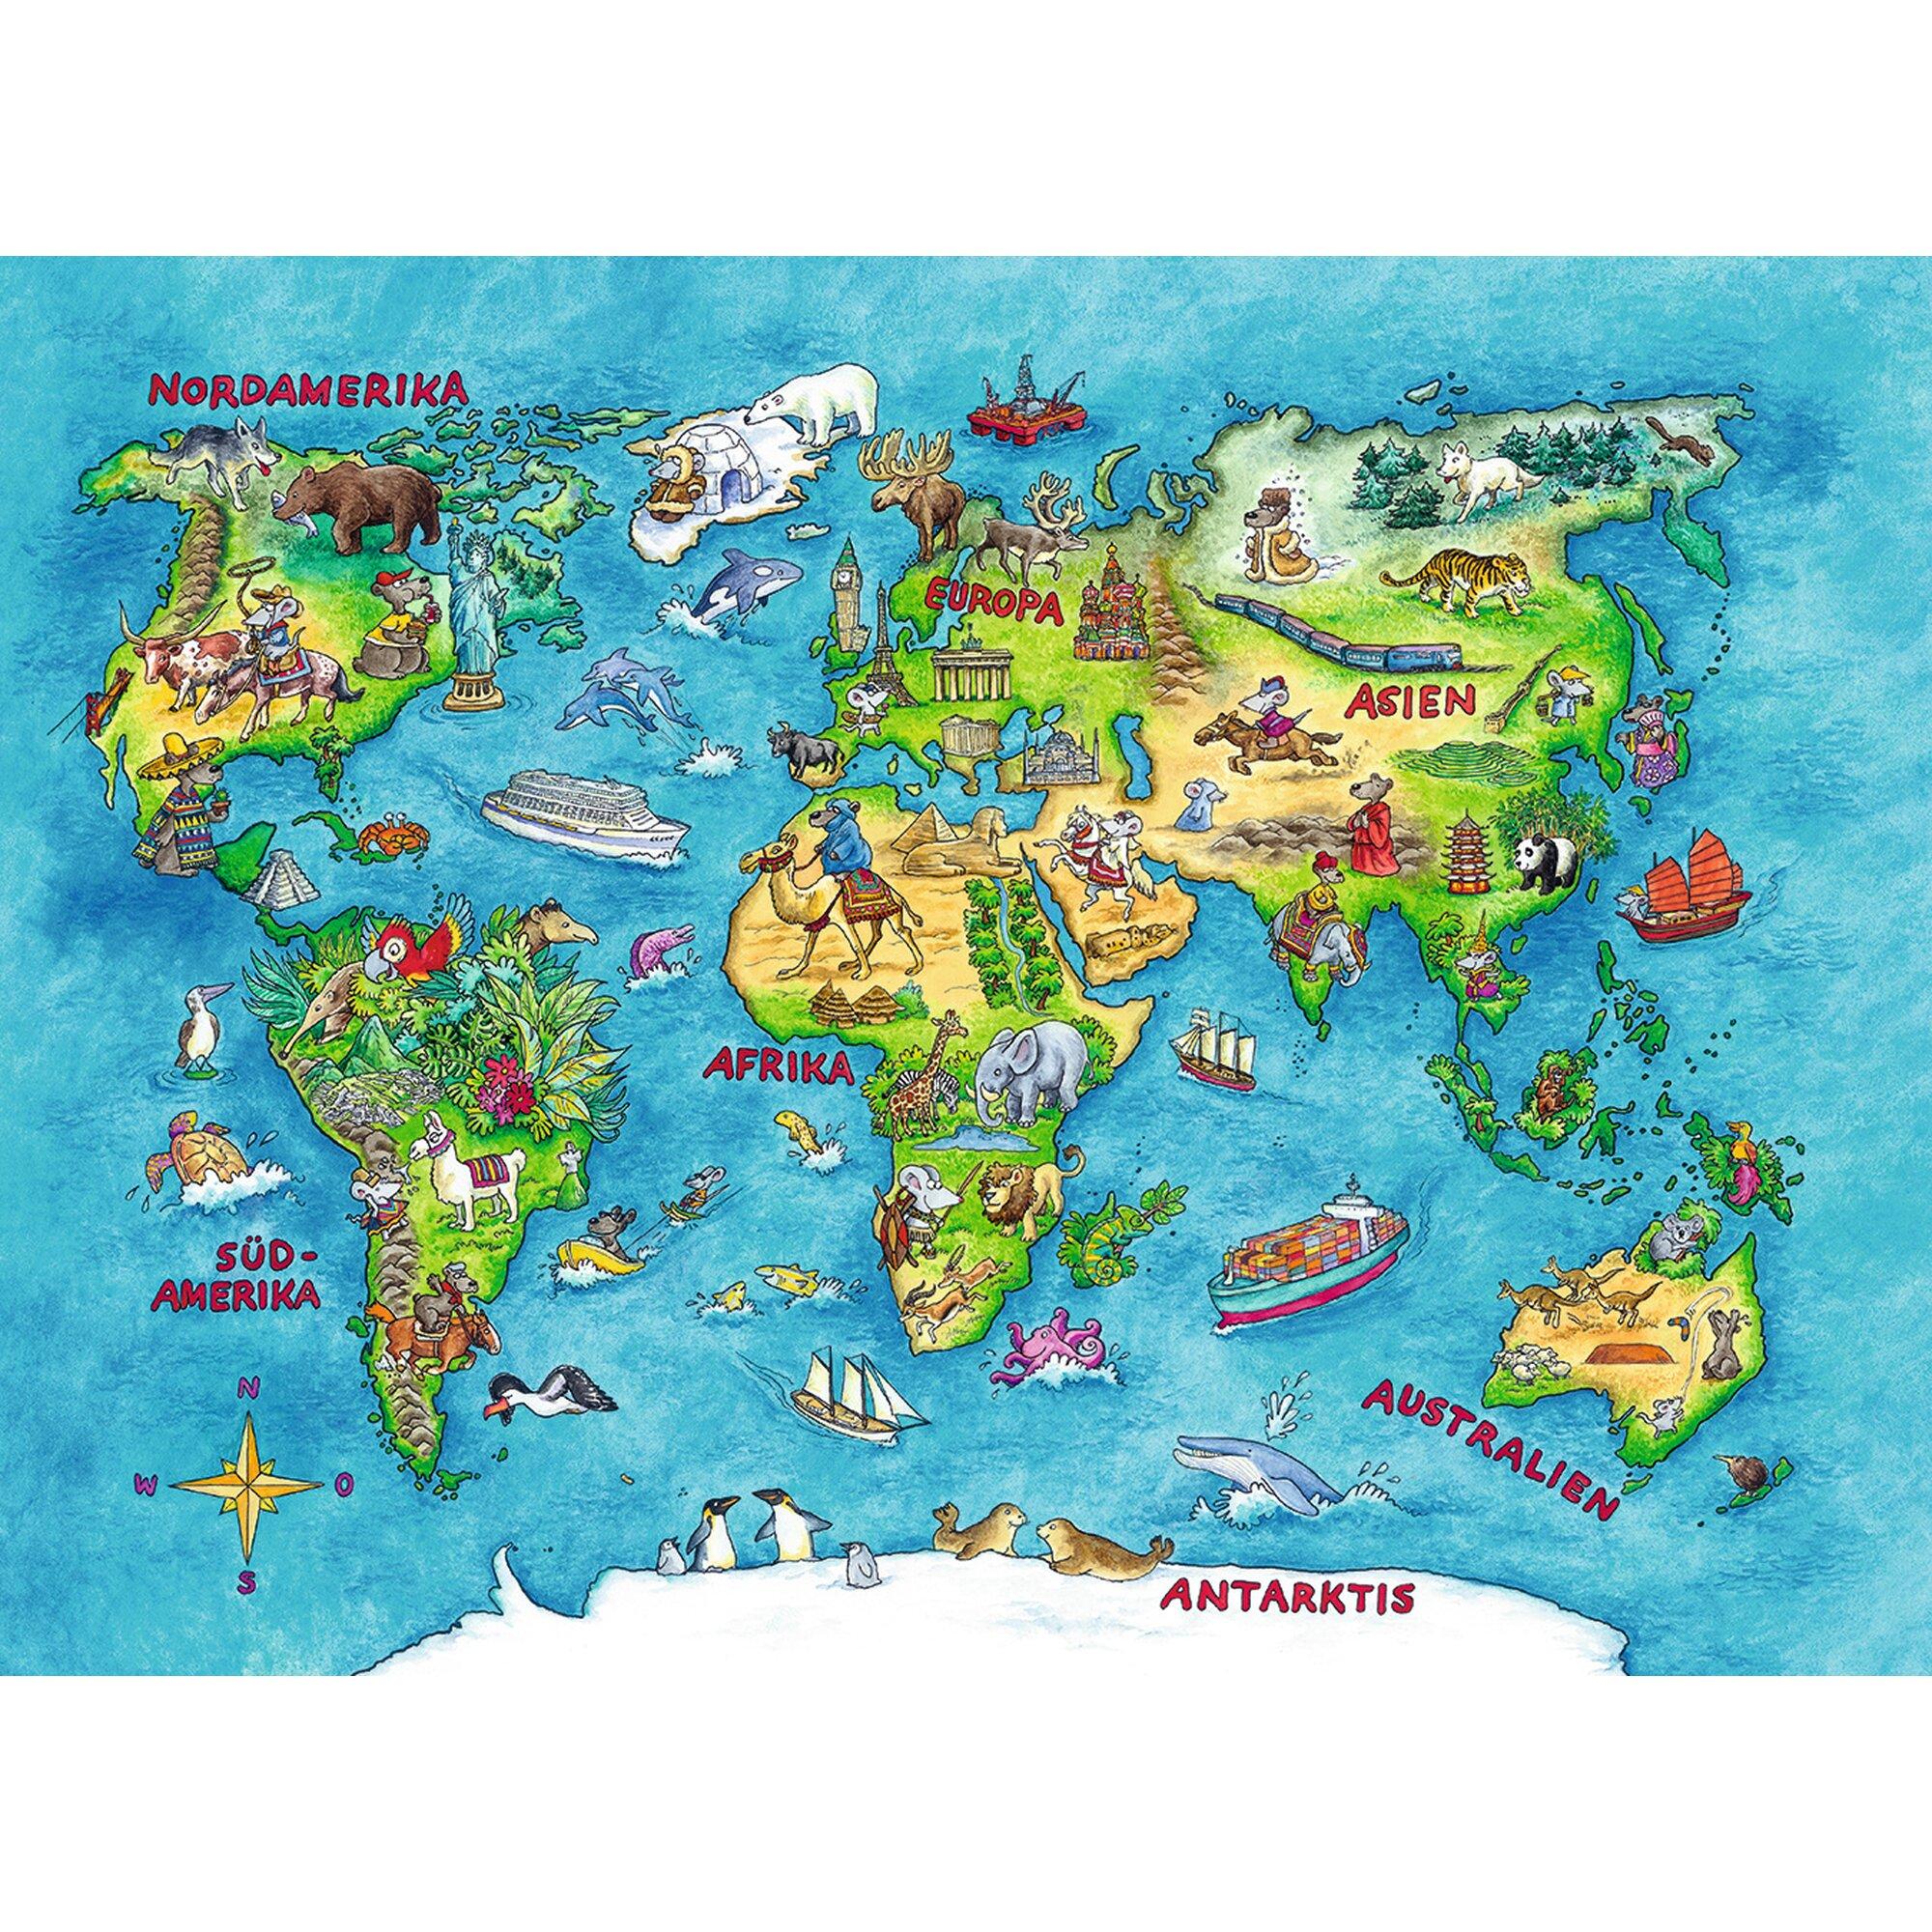 ravensburger-kinderpuzzle-im-xxl-format-100-teile-reise-um-die-welt